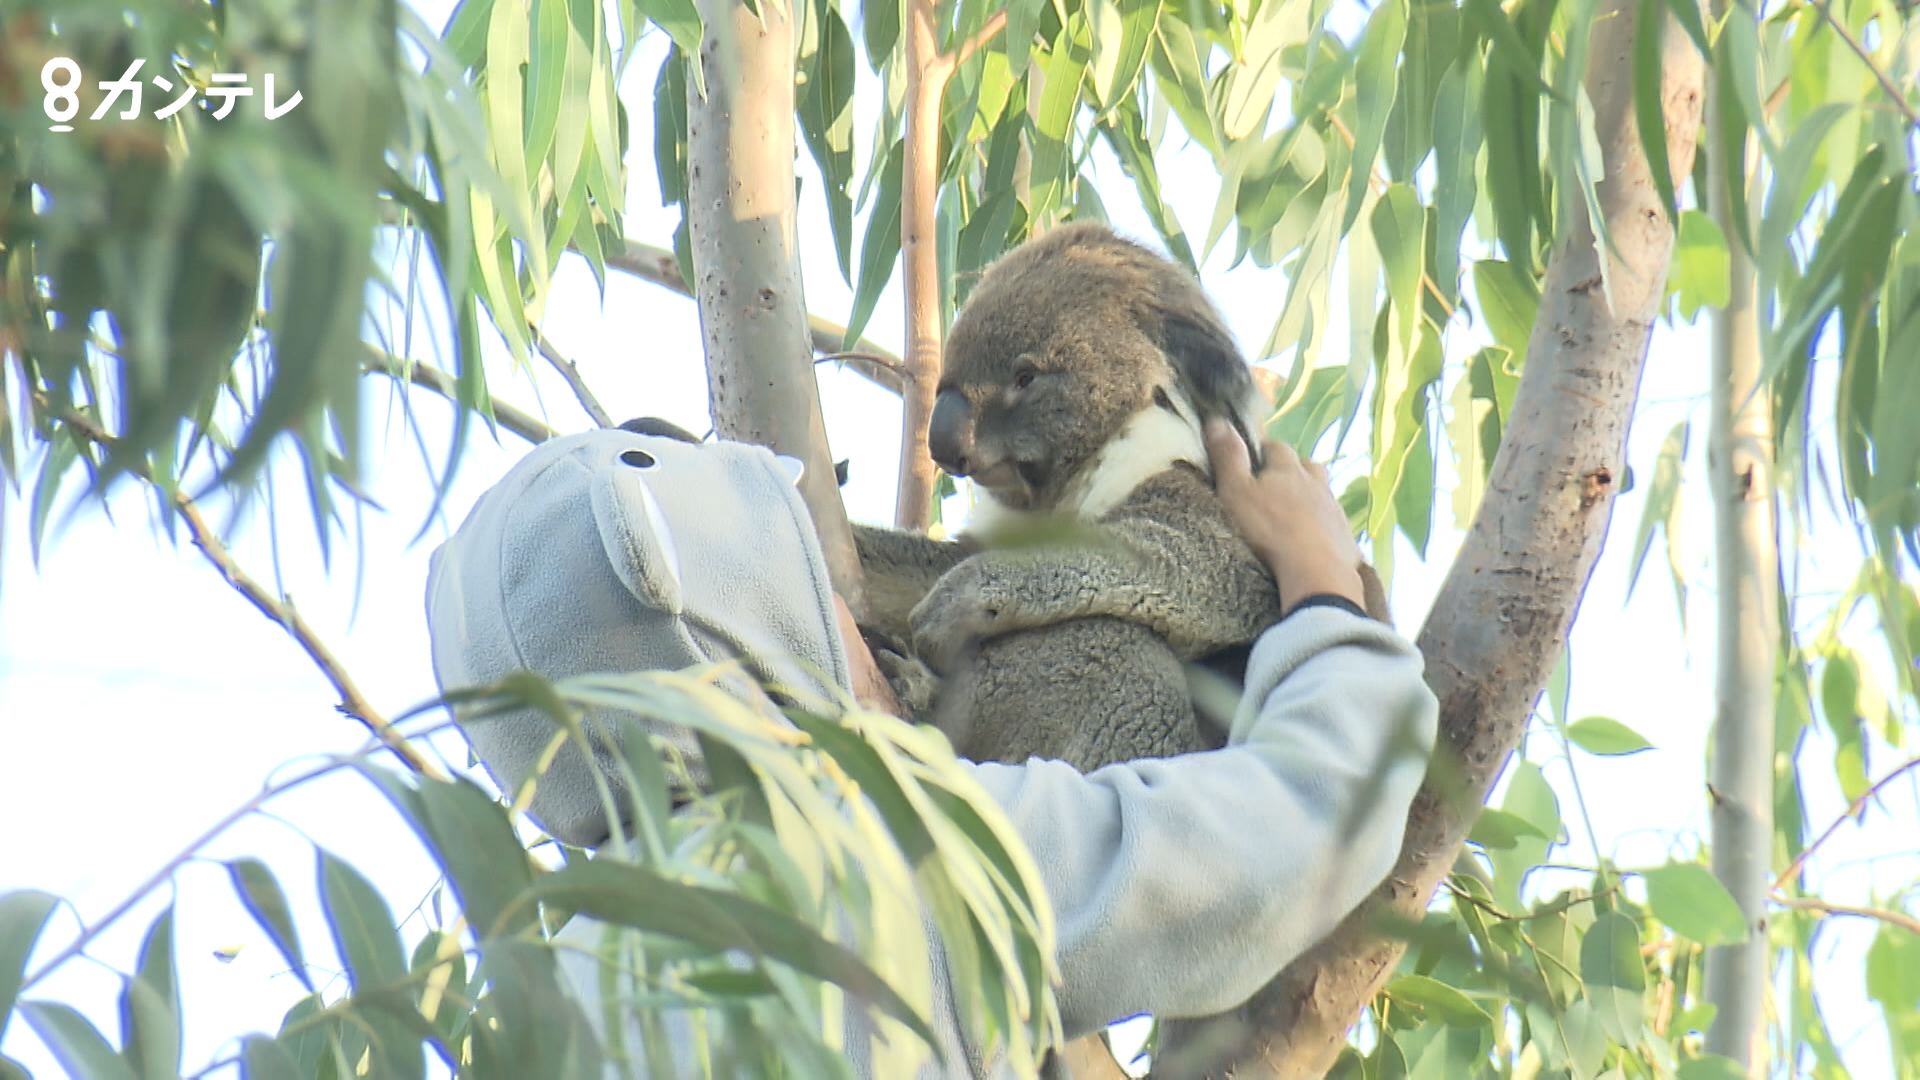 【特集】さよなら、コアラの「アーク」 動物園での最後の日…アークが見せた「ある行動」に訪れた人も涙